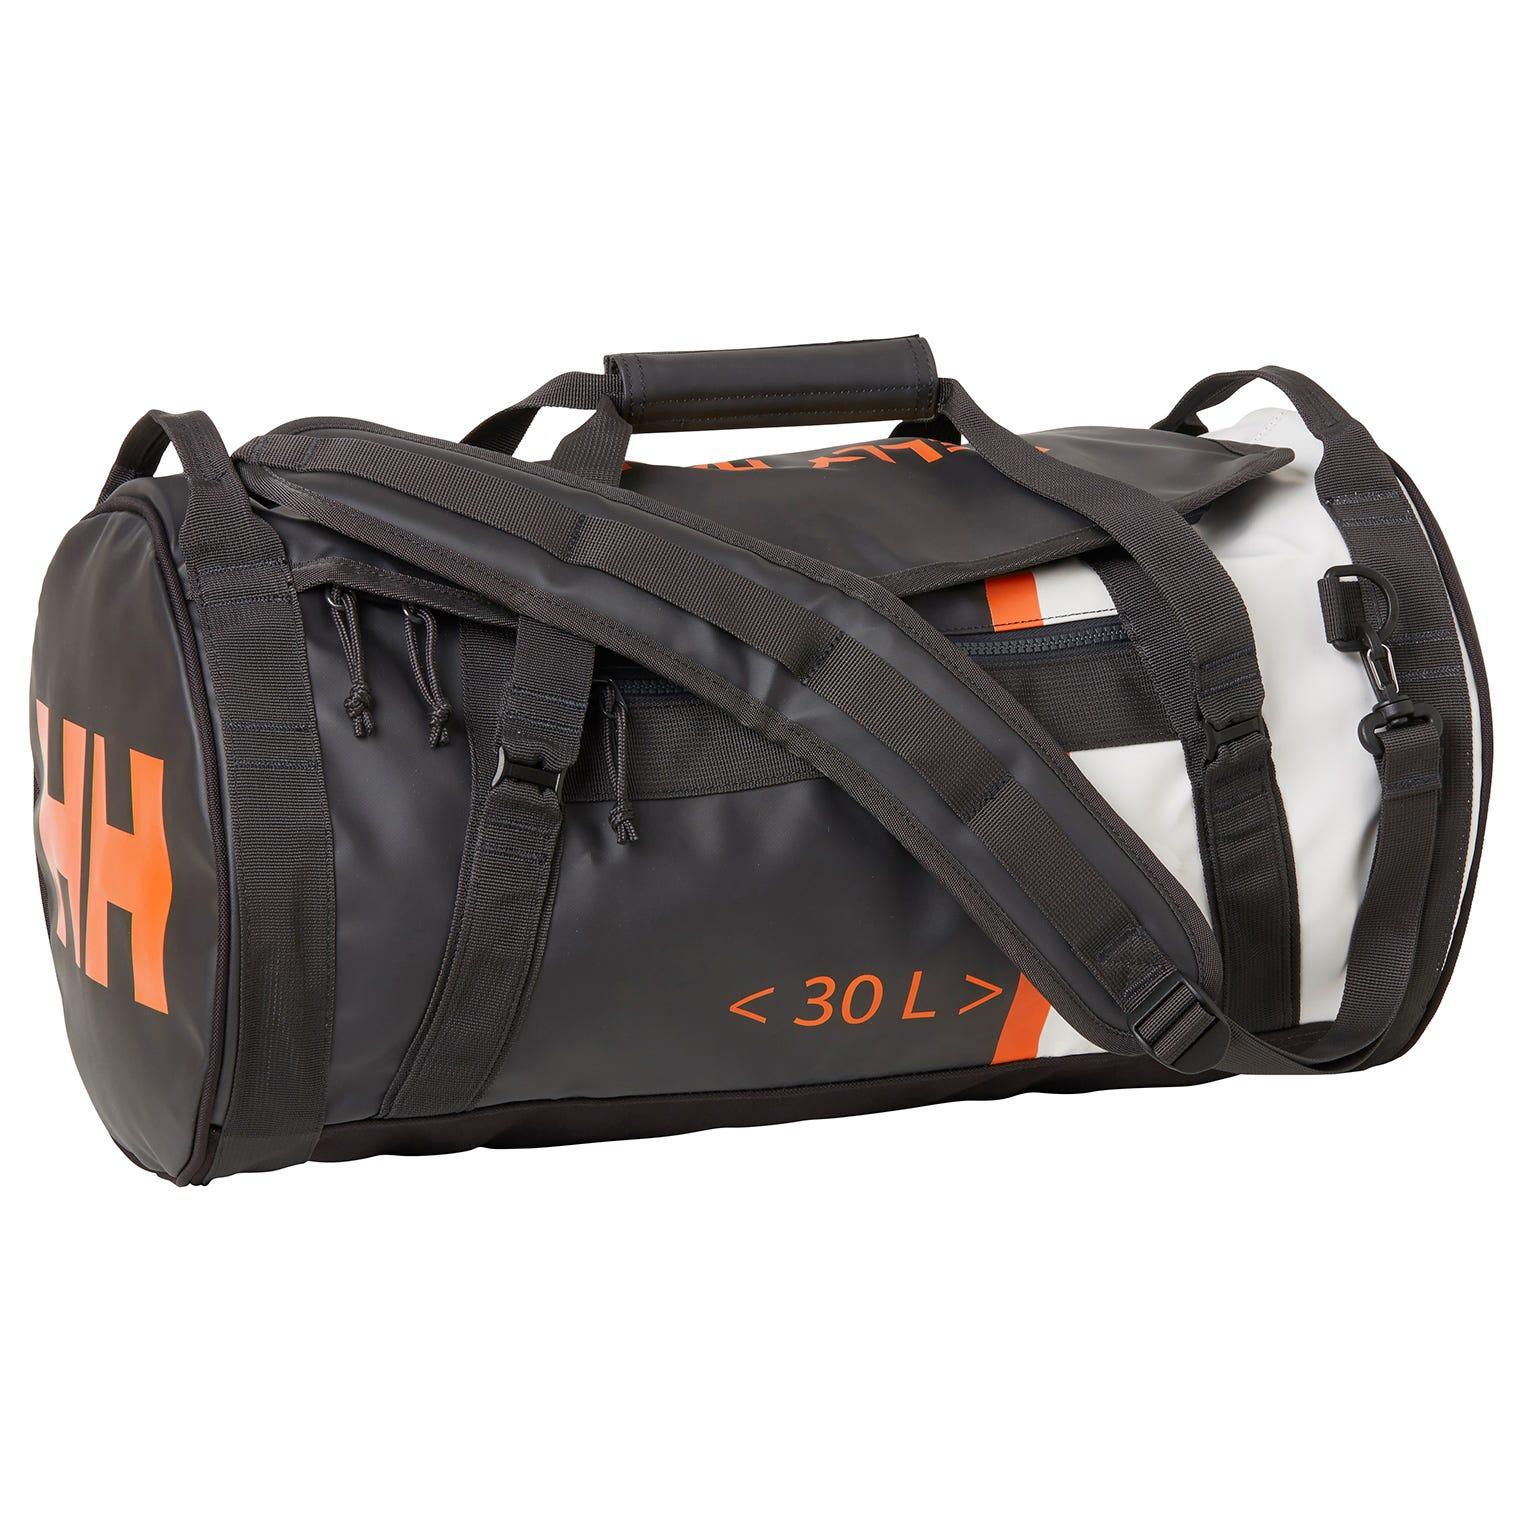 9c6122abe445 HH DUFFEL BAG 2 30L